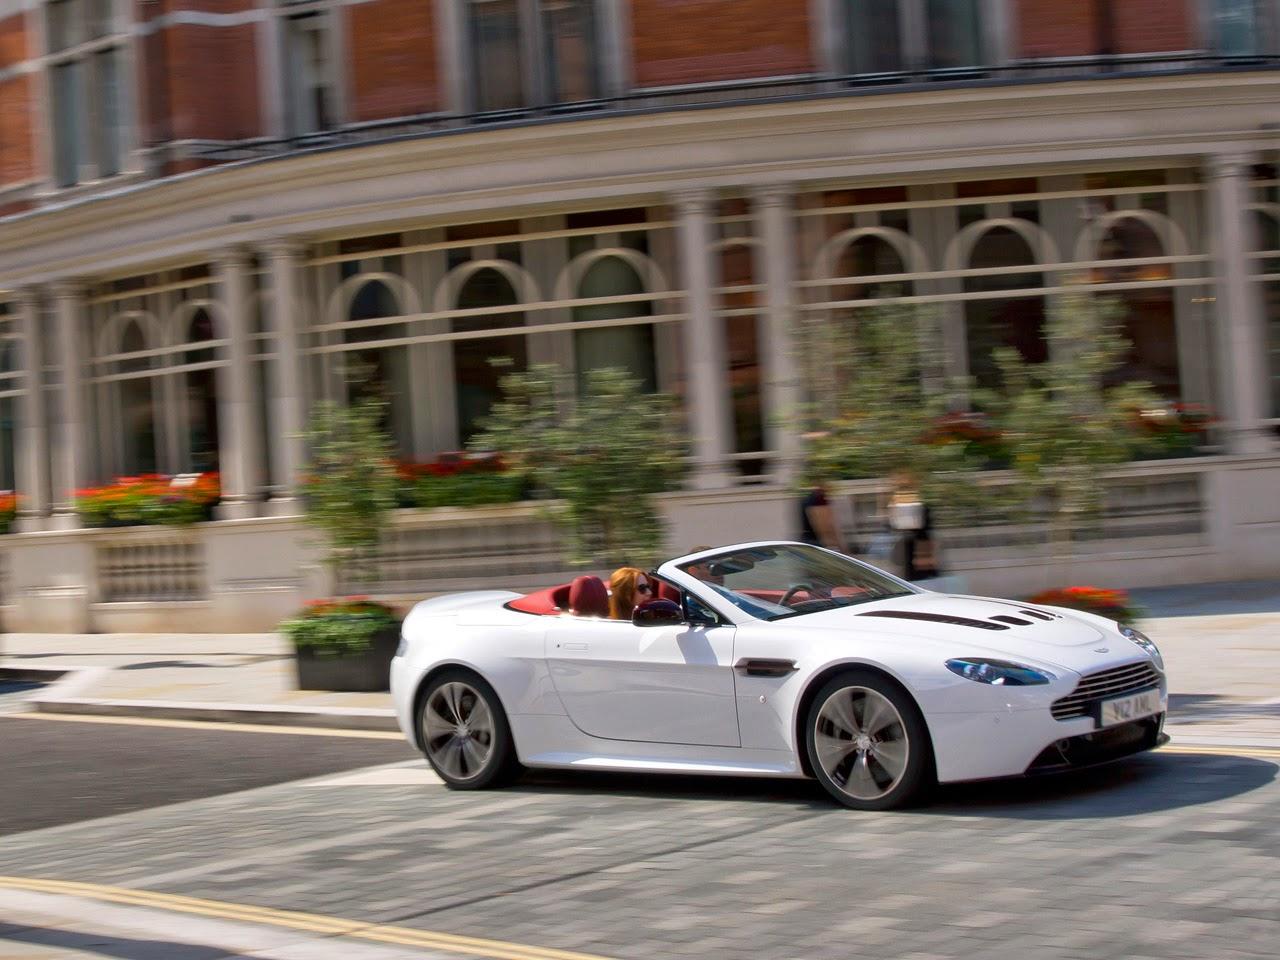 2012 Aston Martin V12 Vantage Roadster Wallpaper